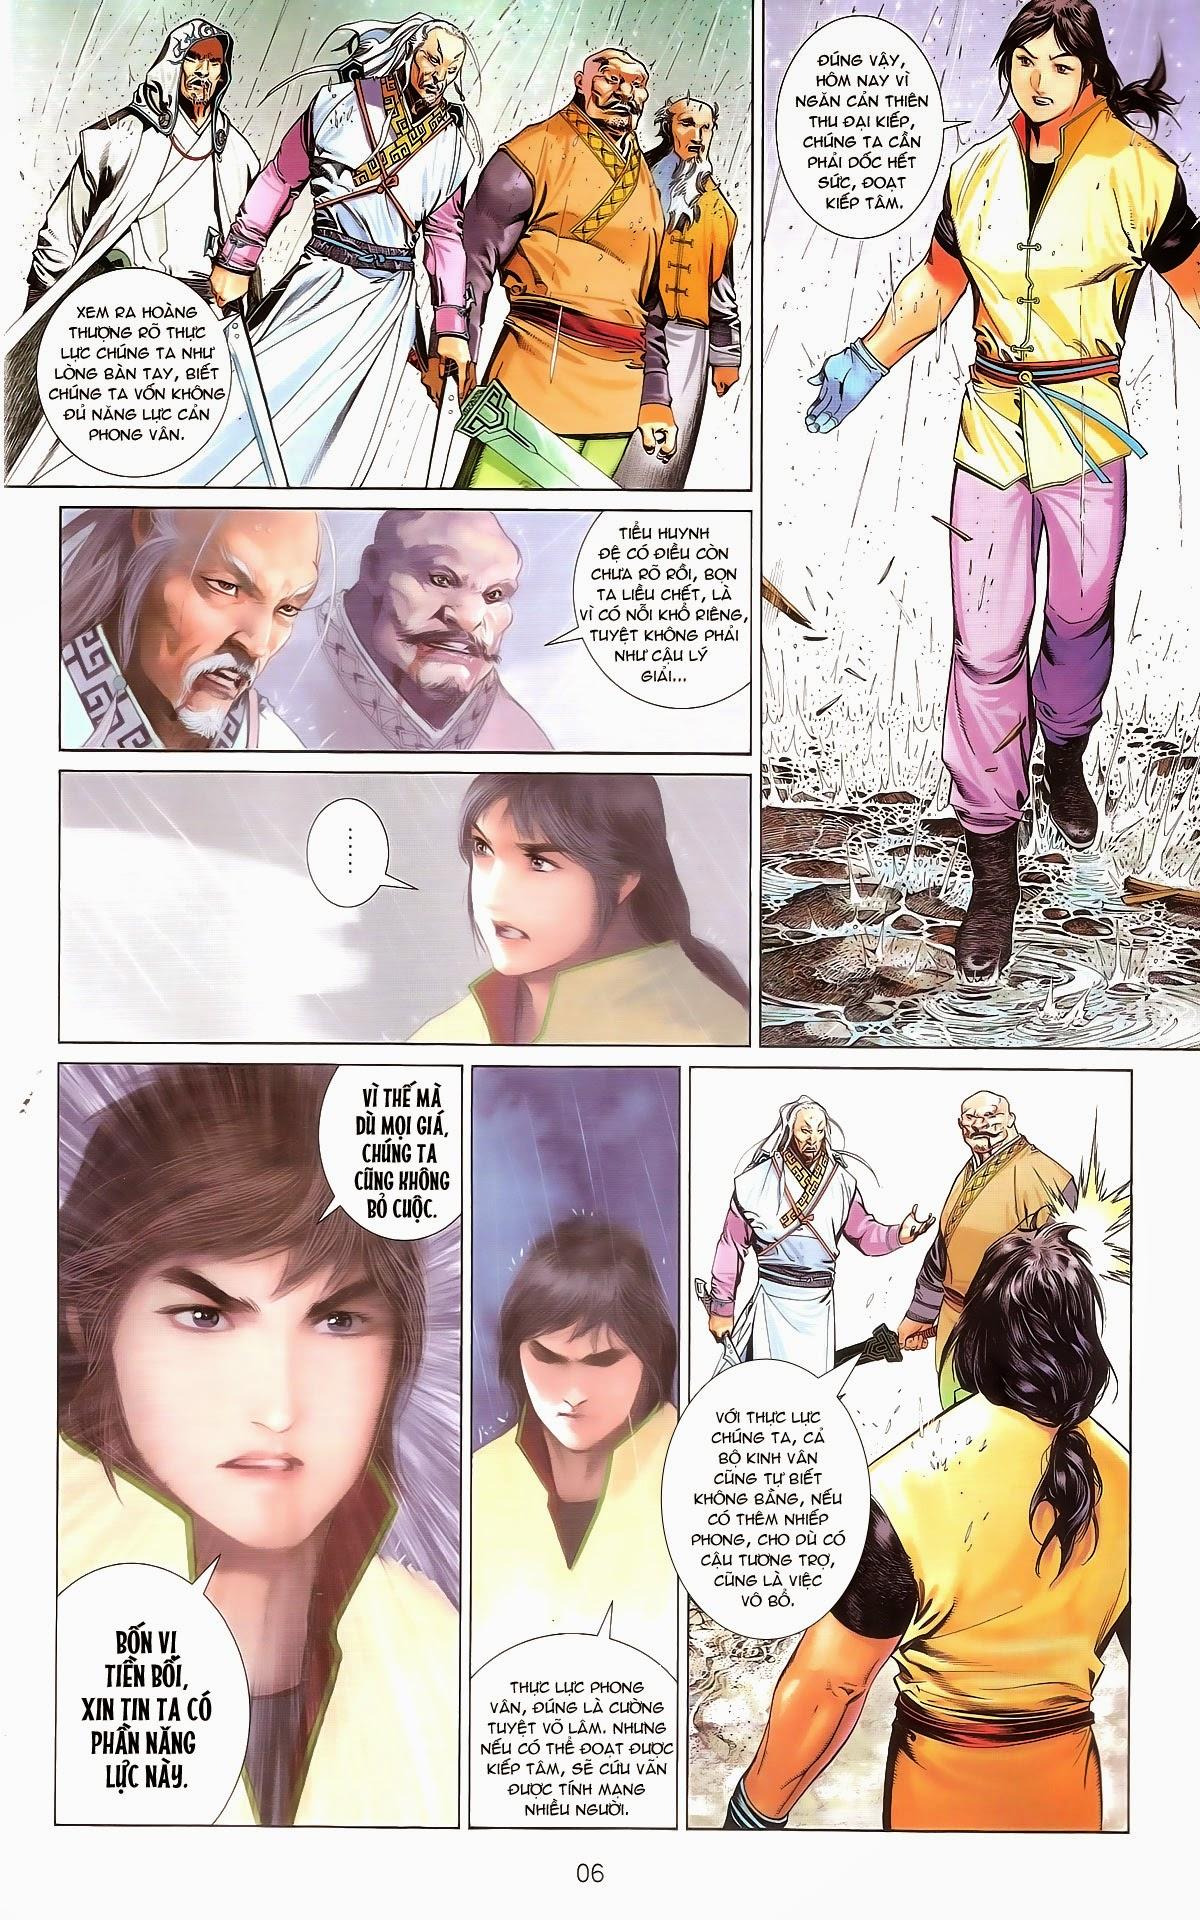 Phong Vân chap 674 – End Trang 8 - Mangak.info